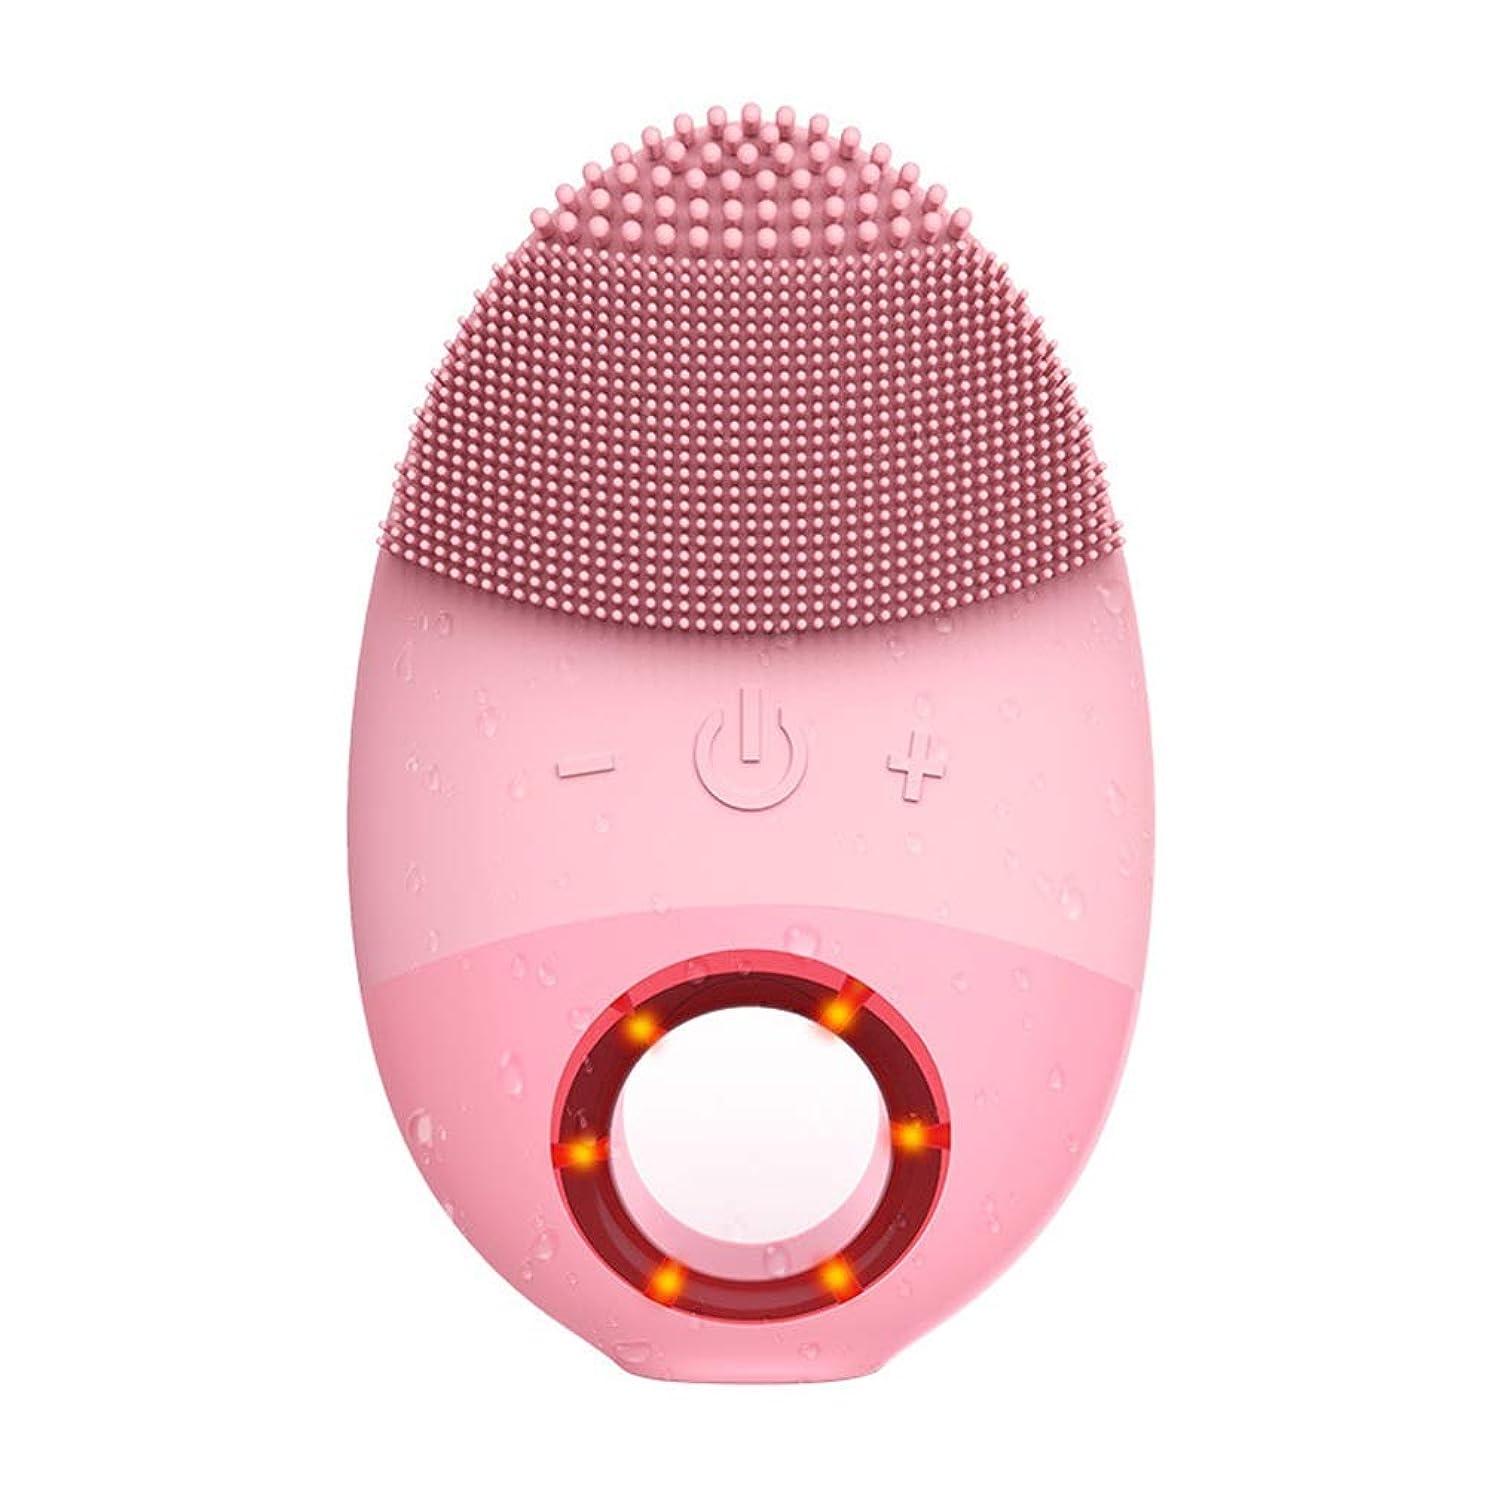 侮辱怠惰オーガニックZXF 多機能シリコン防水洗浄ブラシ超音波振動洗浄器具美容器具マッサージ器具洗浄器具 滑らかである (色 : Pink)